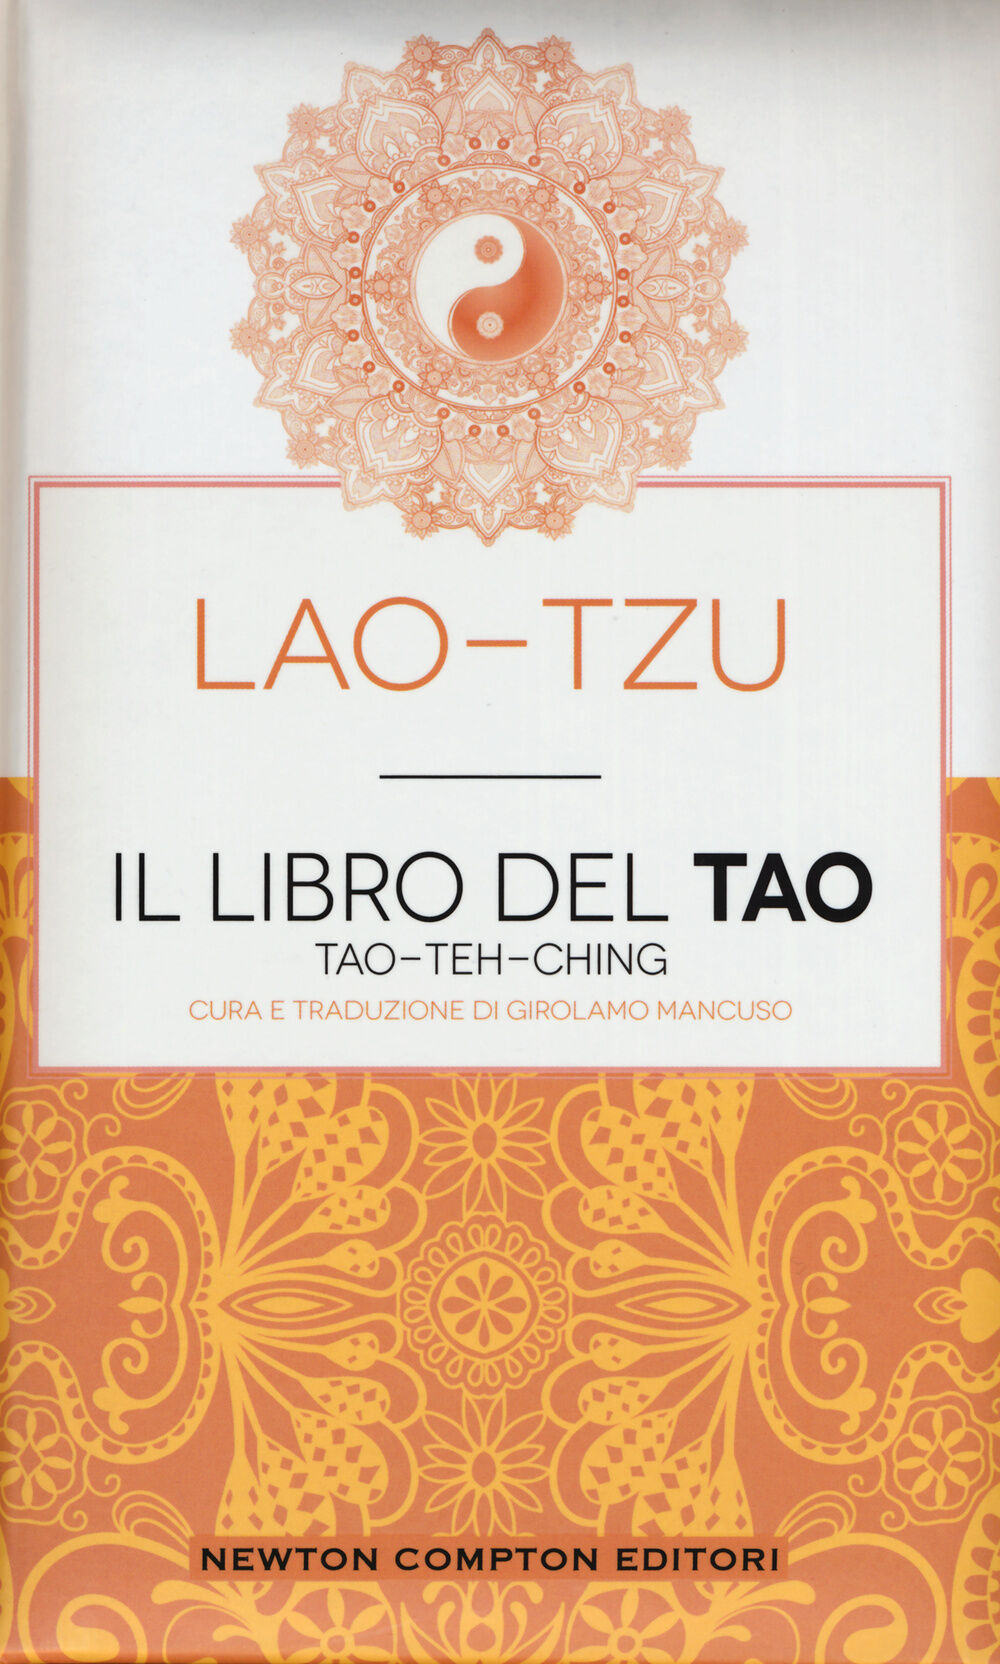 Il libro del Tao. Tao-Teh-Ching. Ediz. integrale